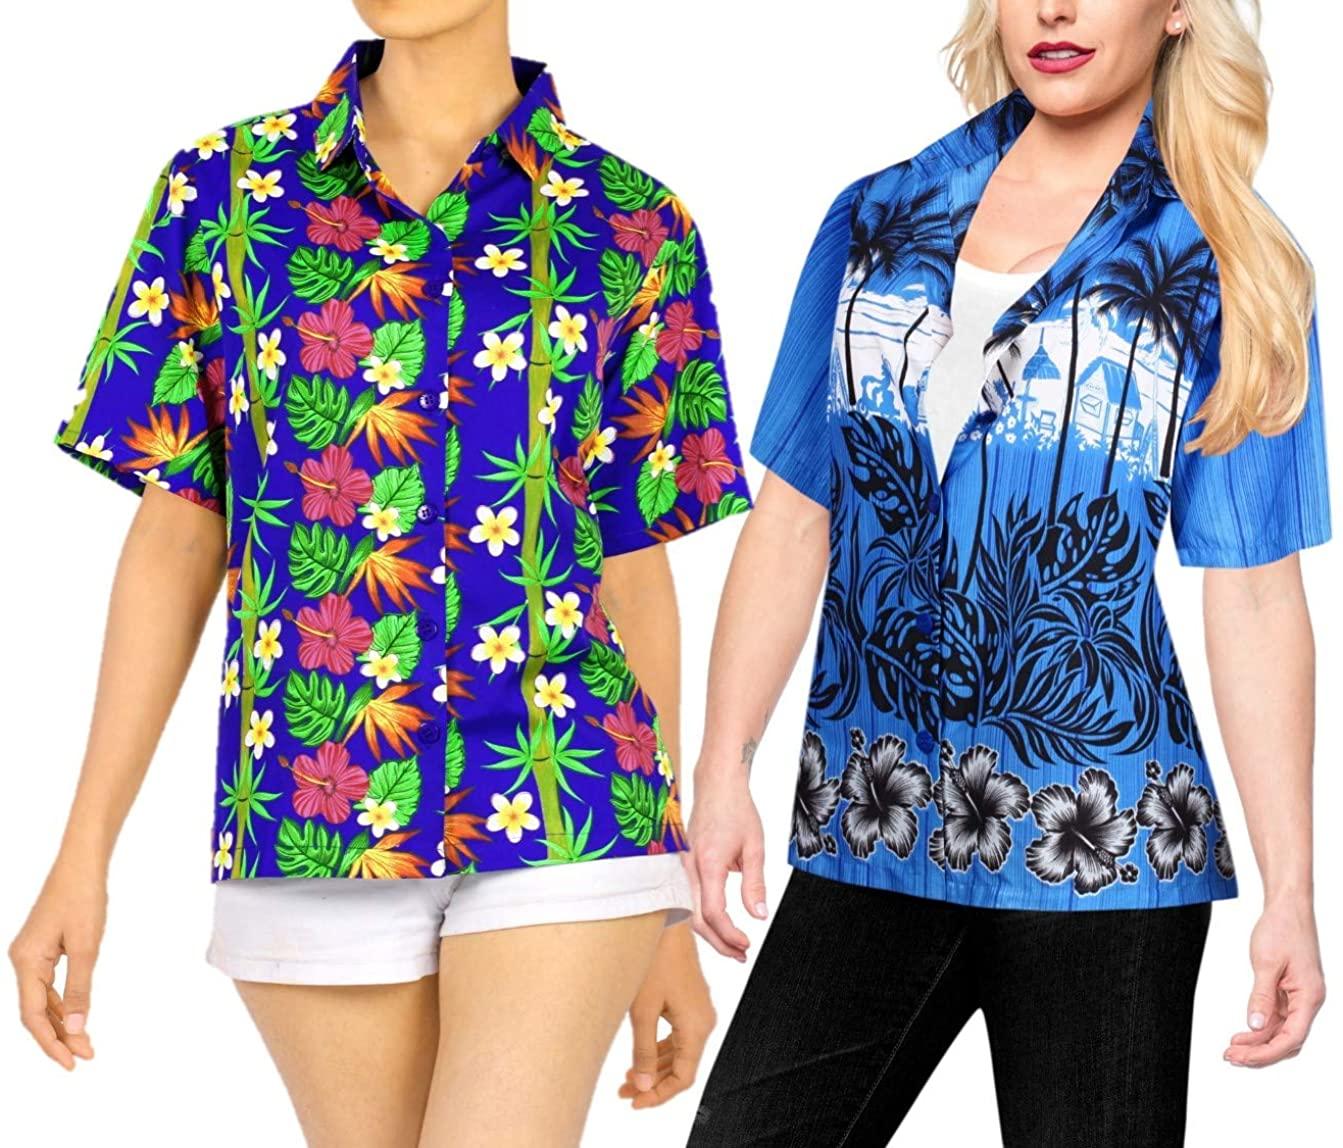 LA LEELA Women's Beach Hawaiian Shirt Office Wear Short Sleeve Shirts Work from Home Clothes Women Beach Shirt Blouse Shirt Combo Pack of 2 Size S